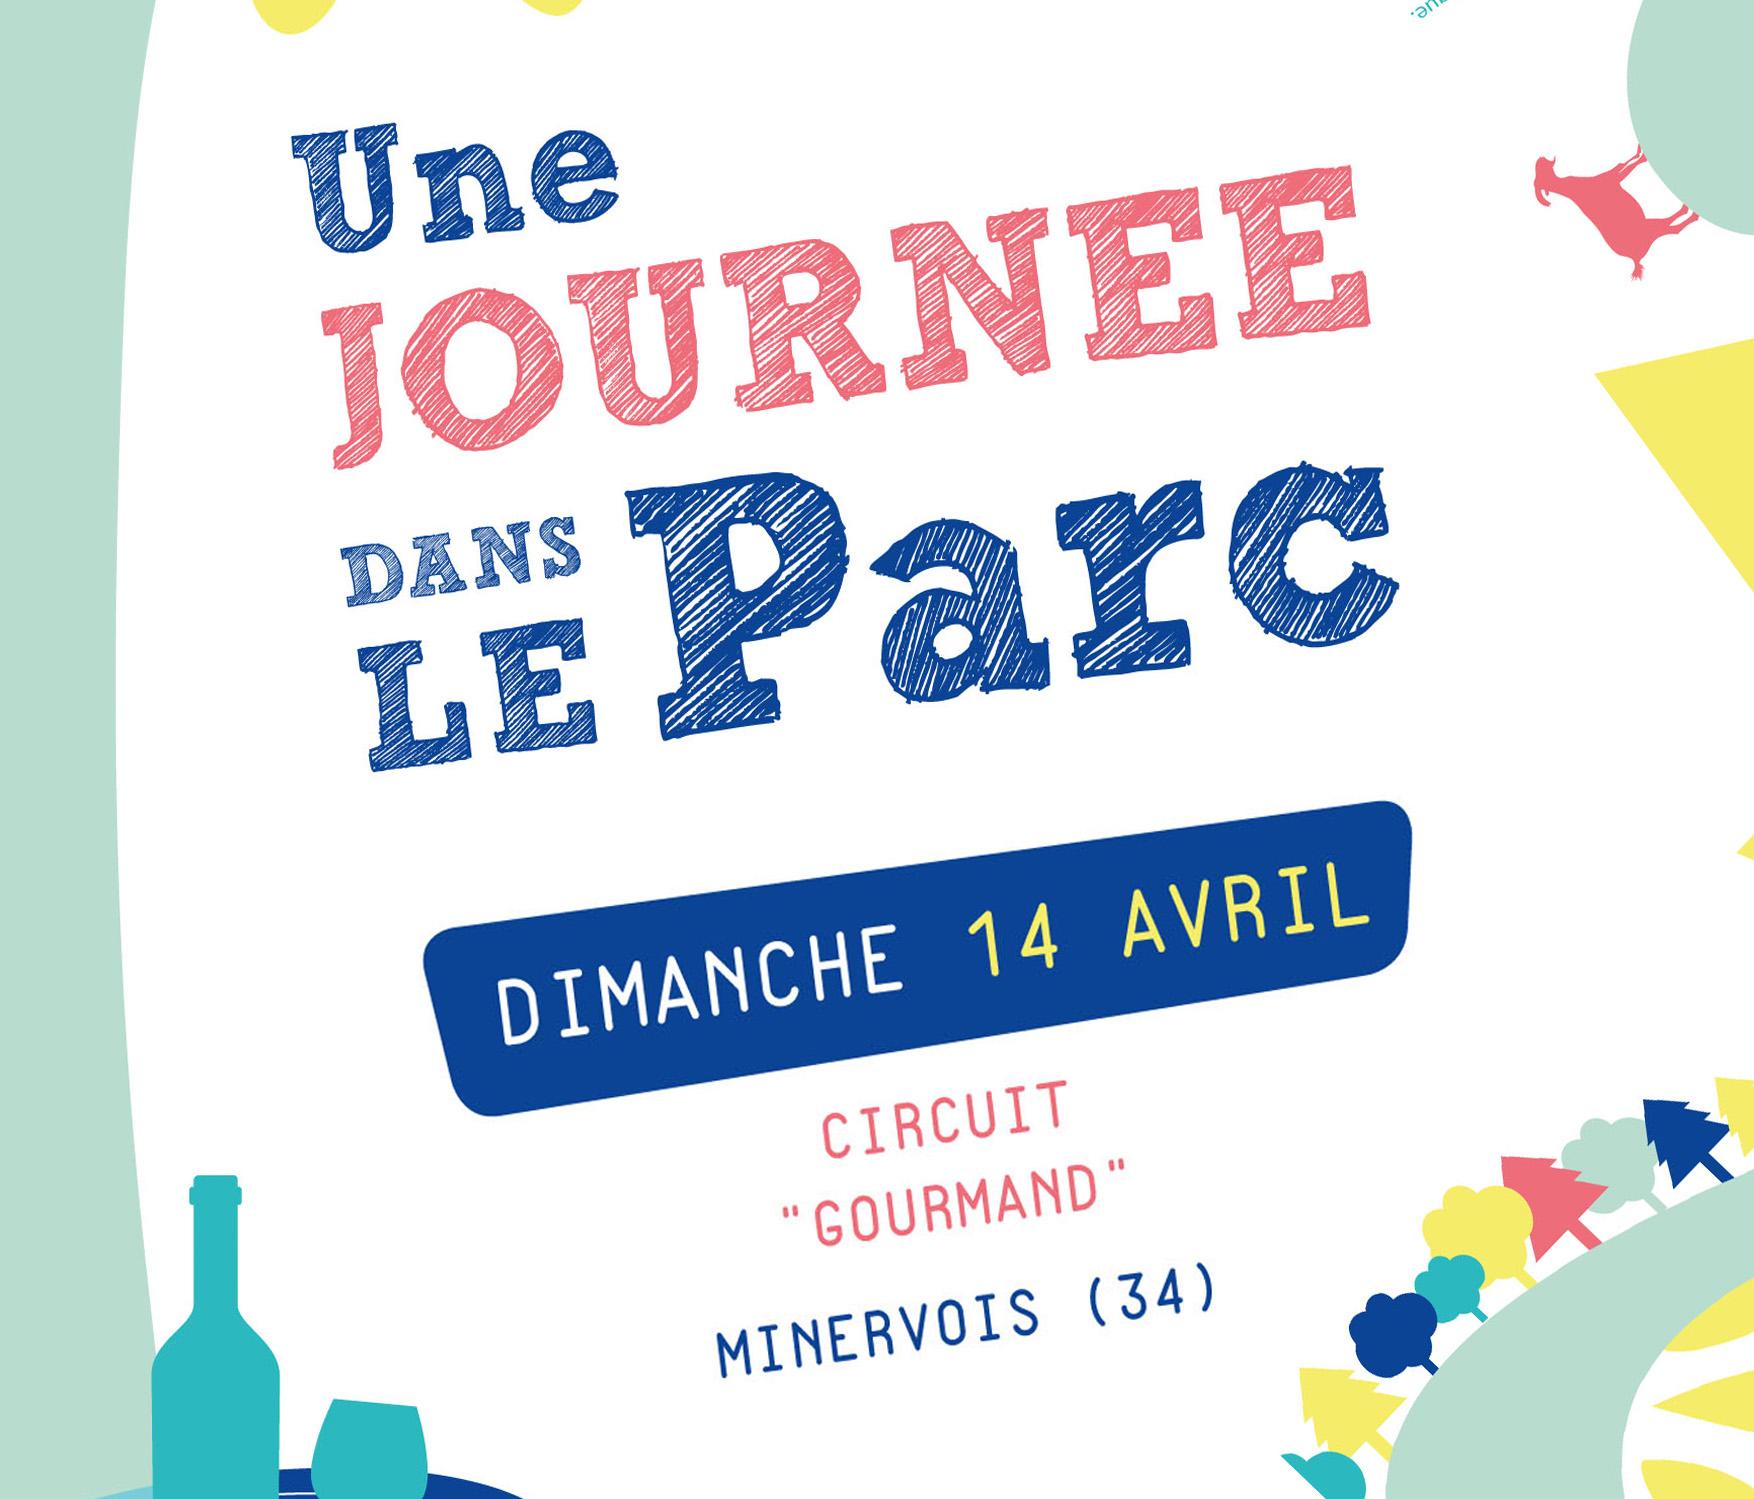 Vignette Une Journée dans le Parc - Circuit Gourmand en Minervois (34) organisé par le Pnr Haut-Languedoc